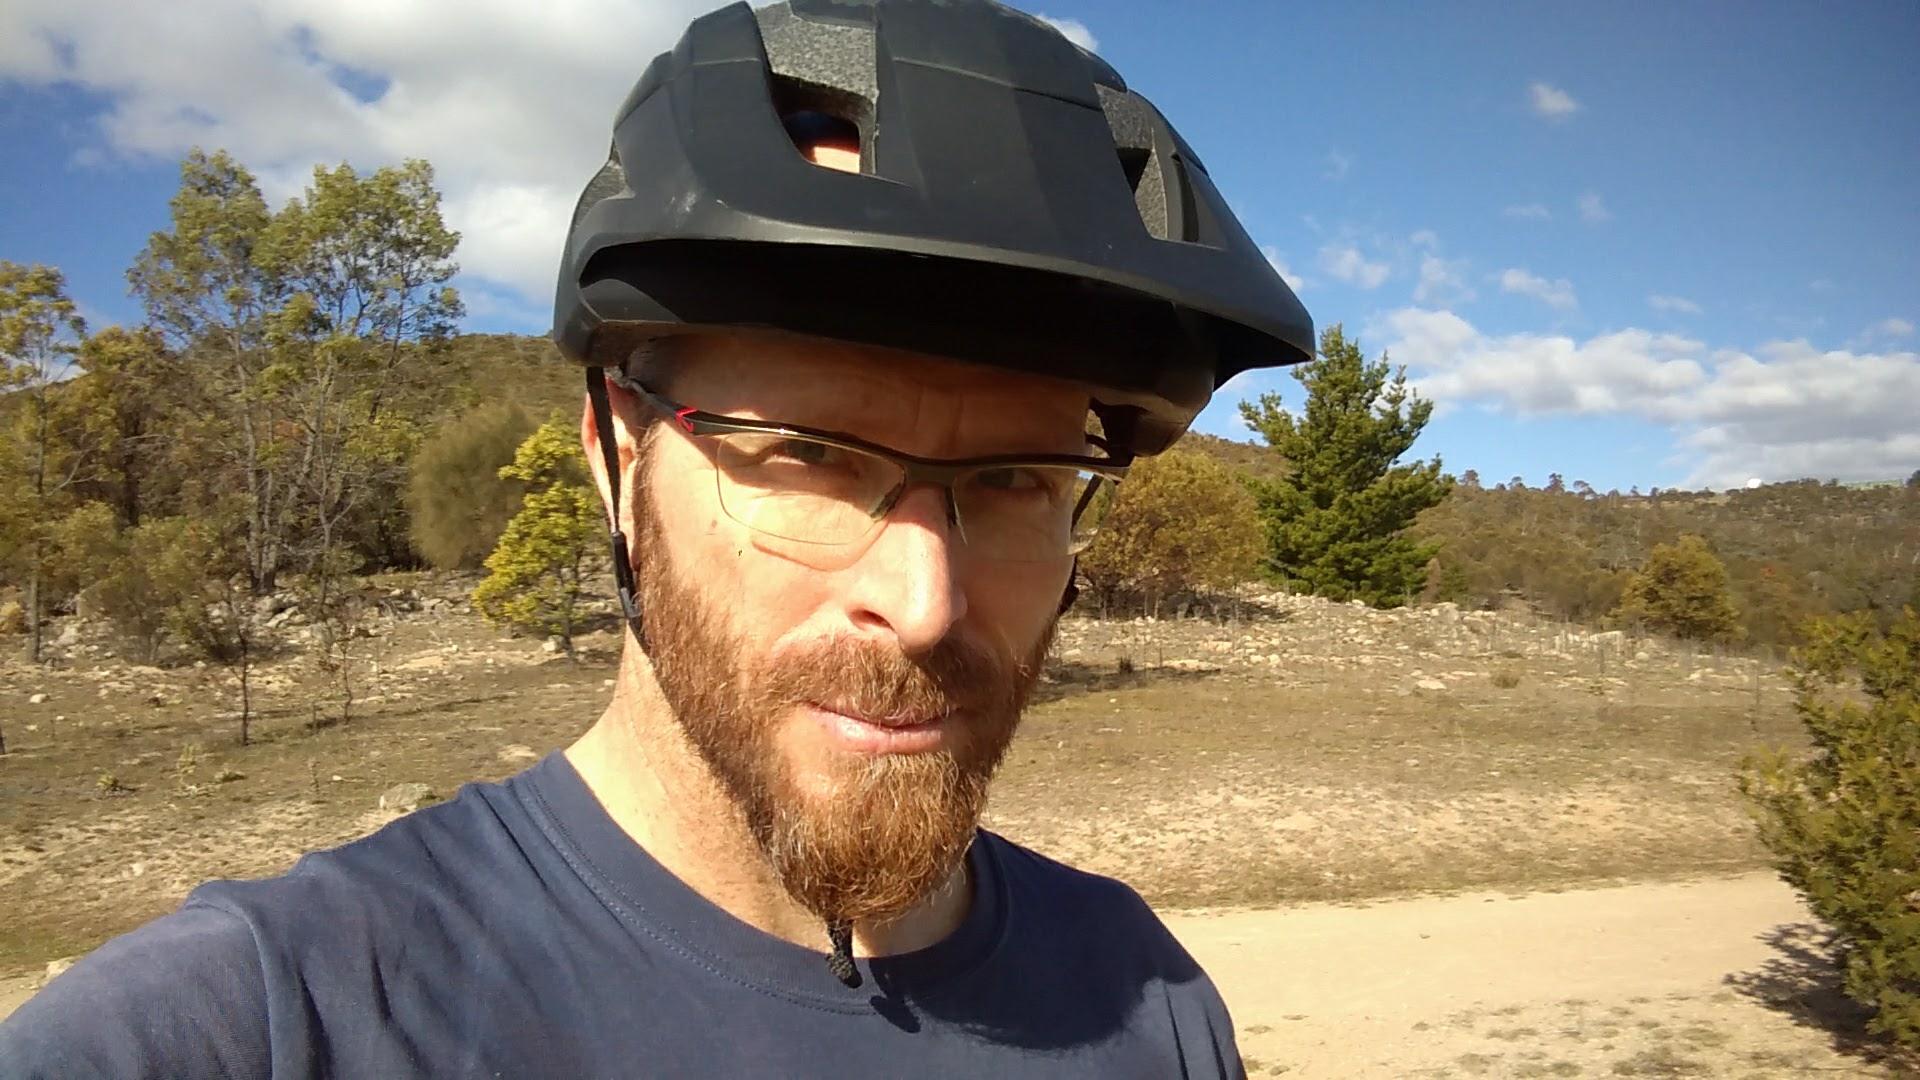 eee367d41 New helmet time is always amazing